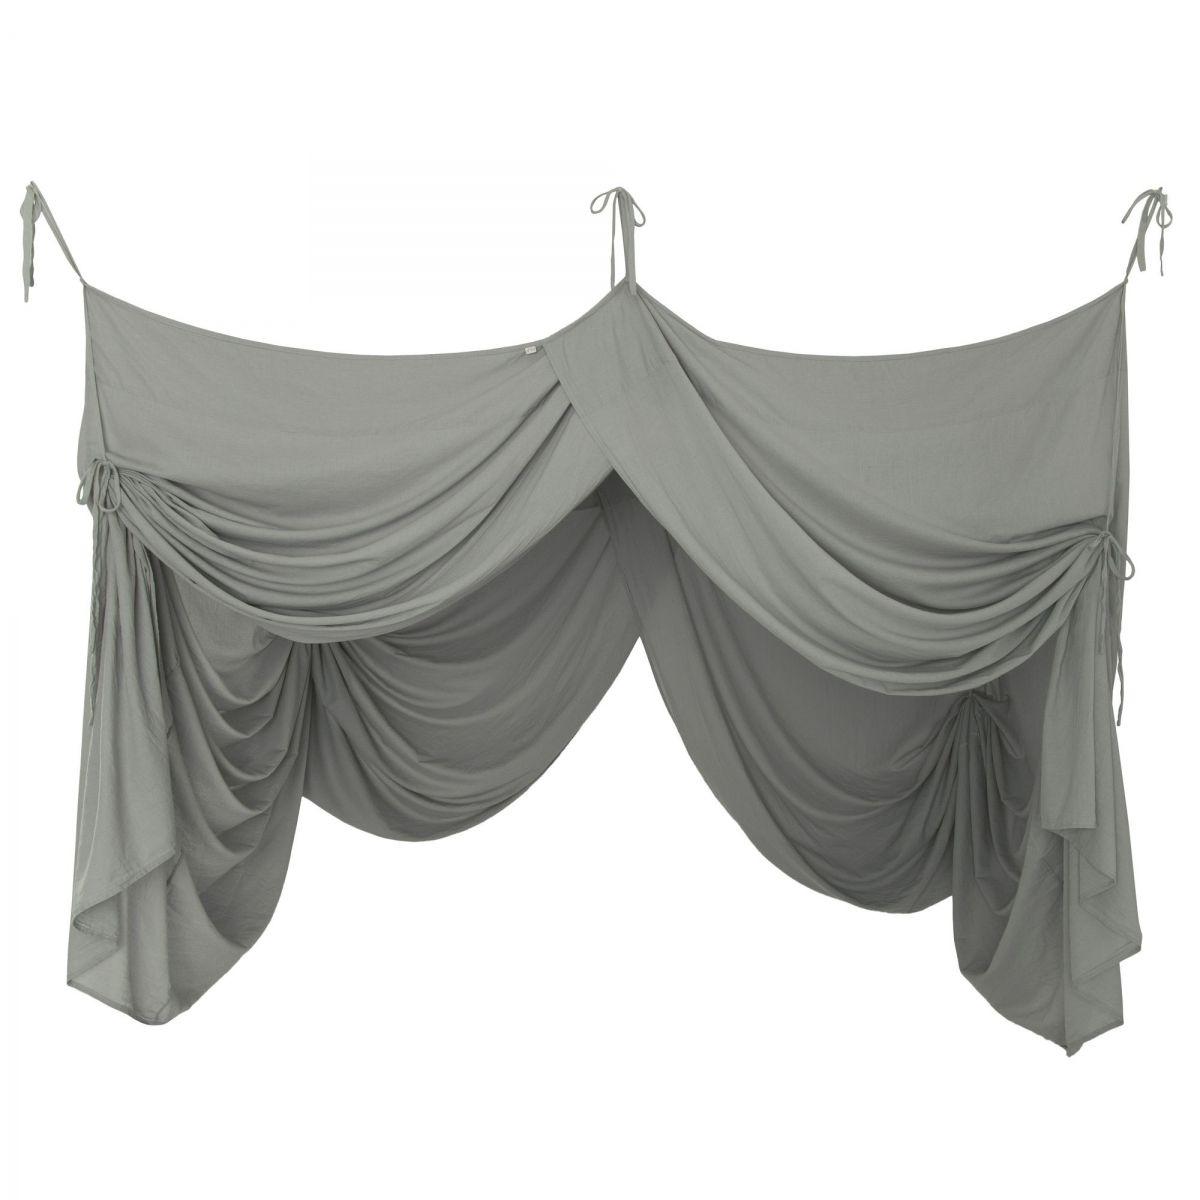 Numero 74 Bed Canopy Drape silver grey